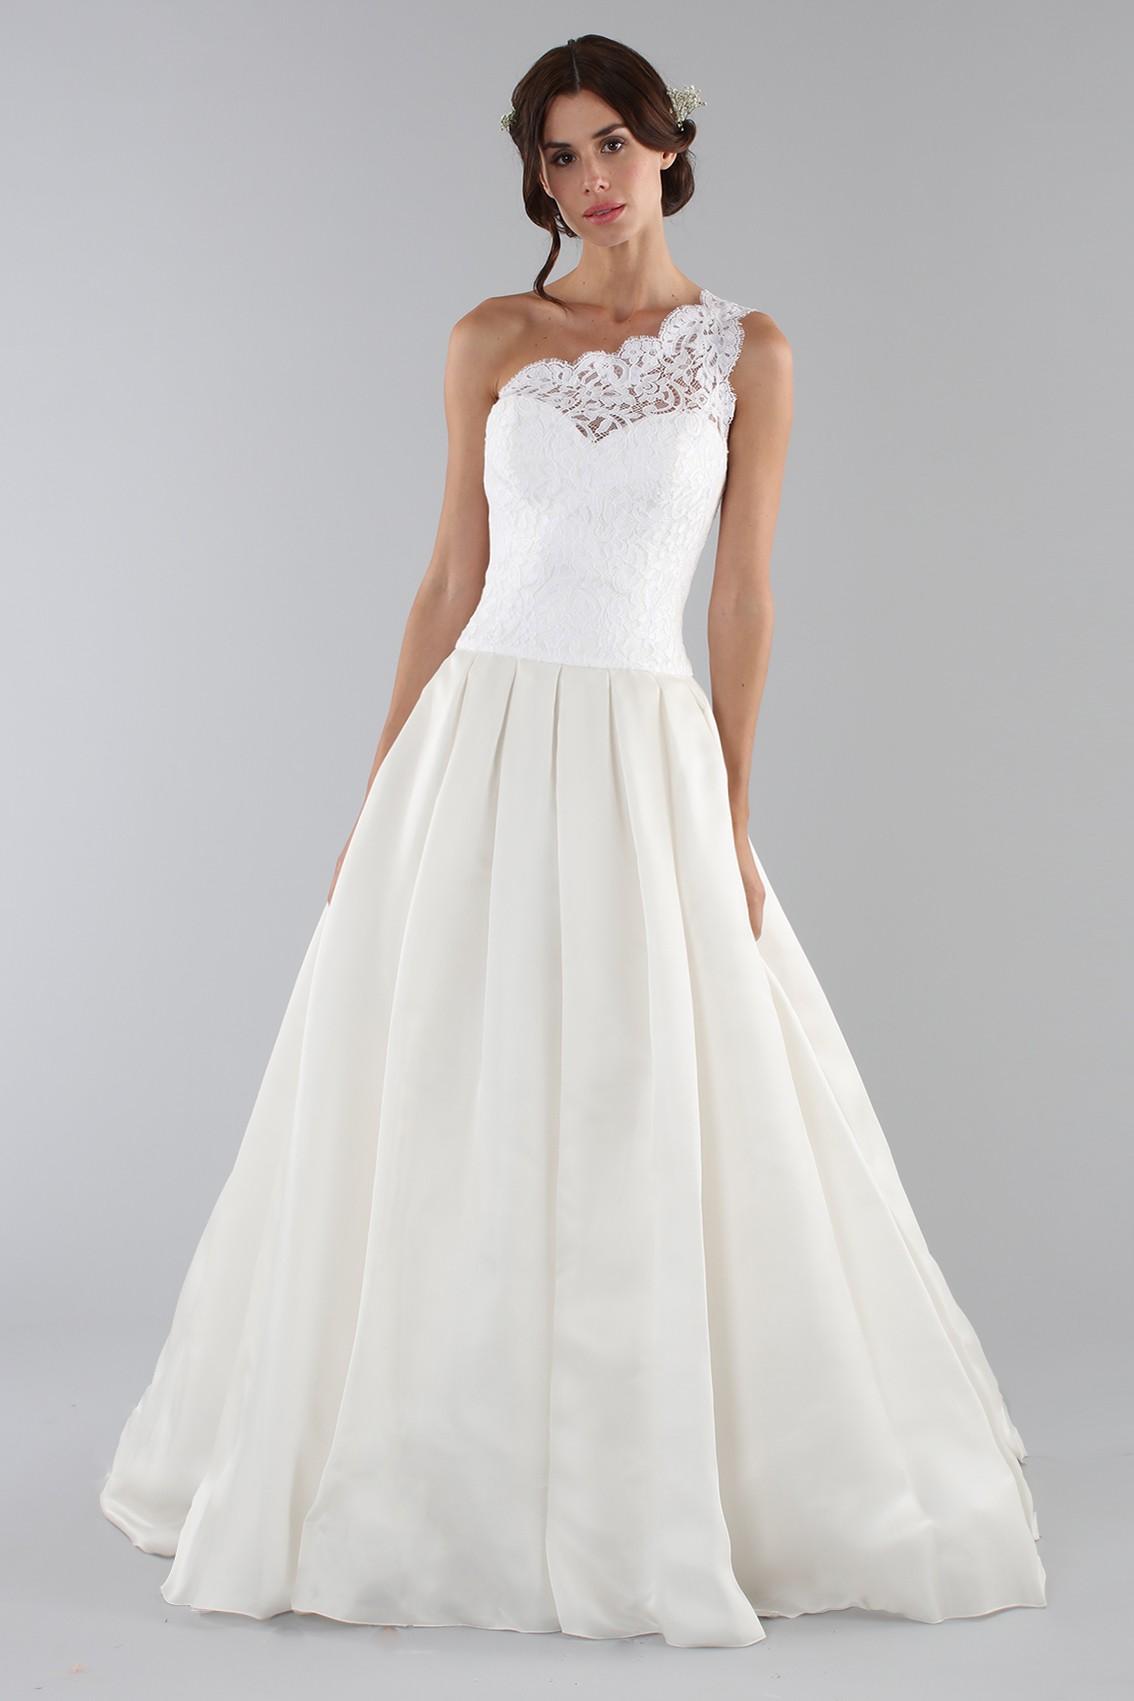 Noleggia un abito Ilenia Sweet by Bellantuono - Abito da sposa con ... 3b161ecb586